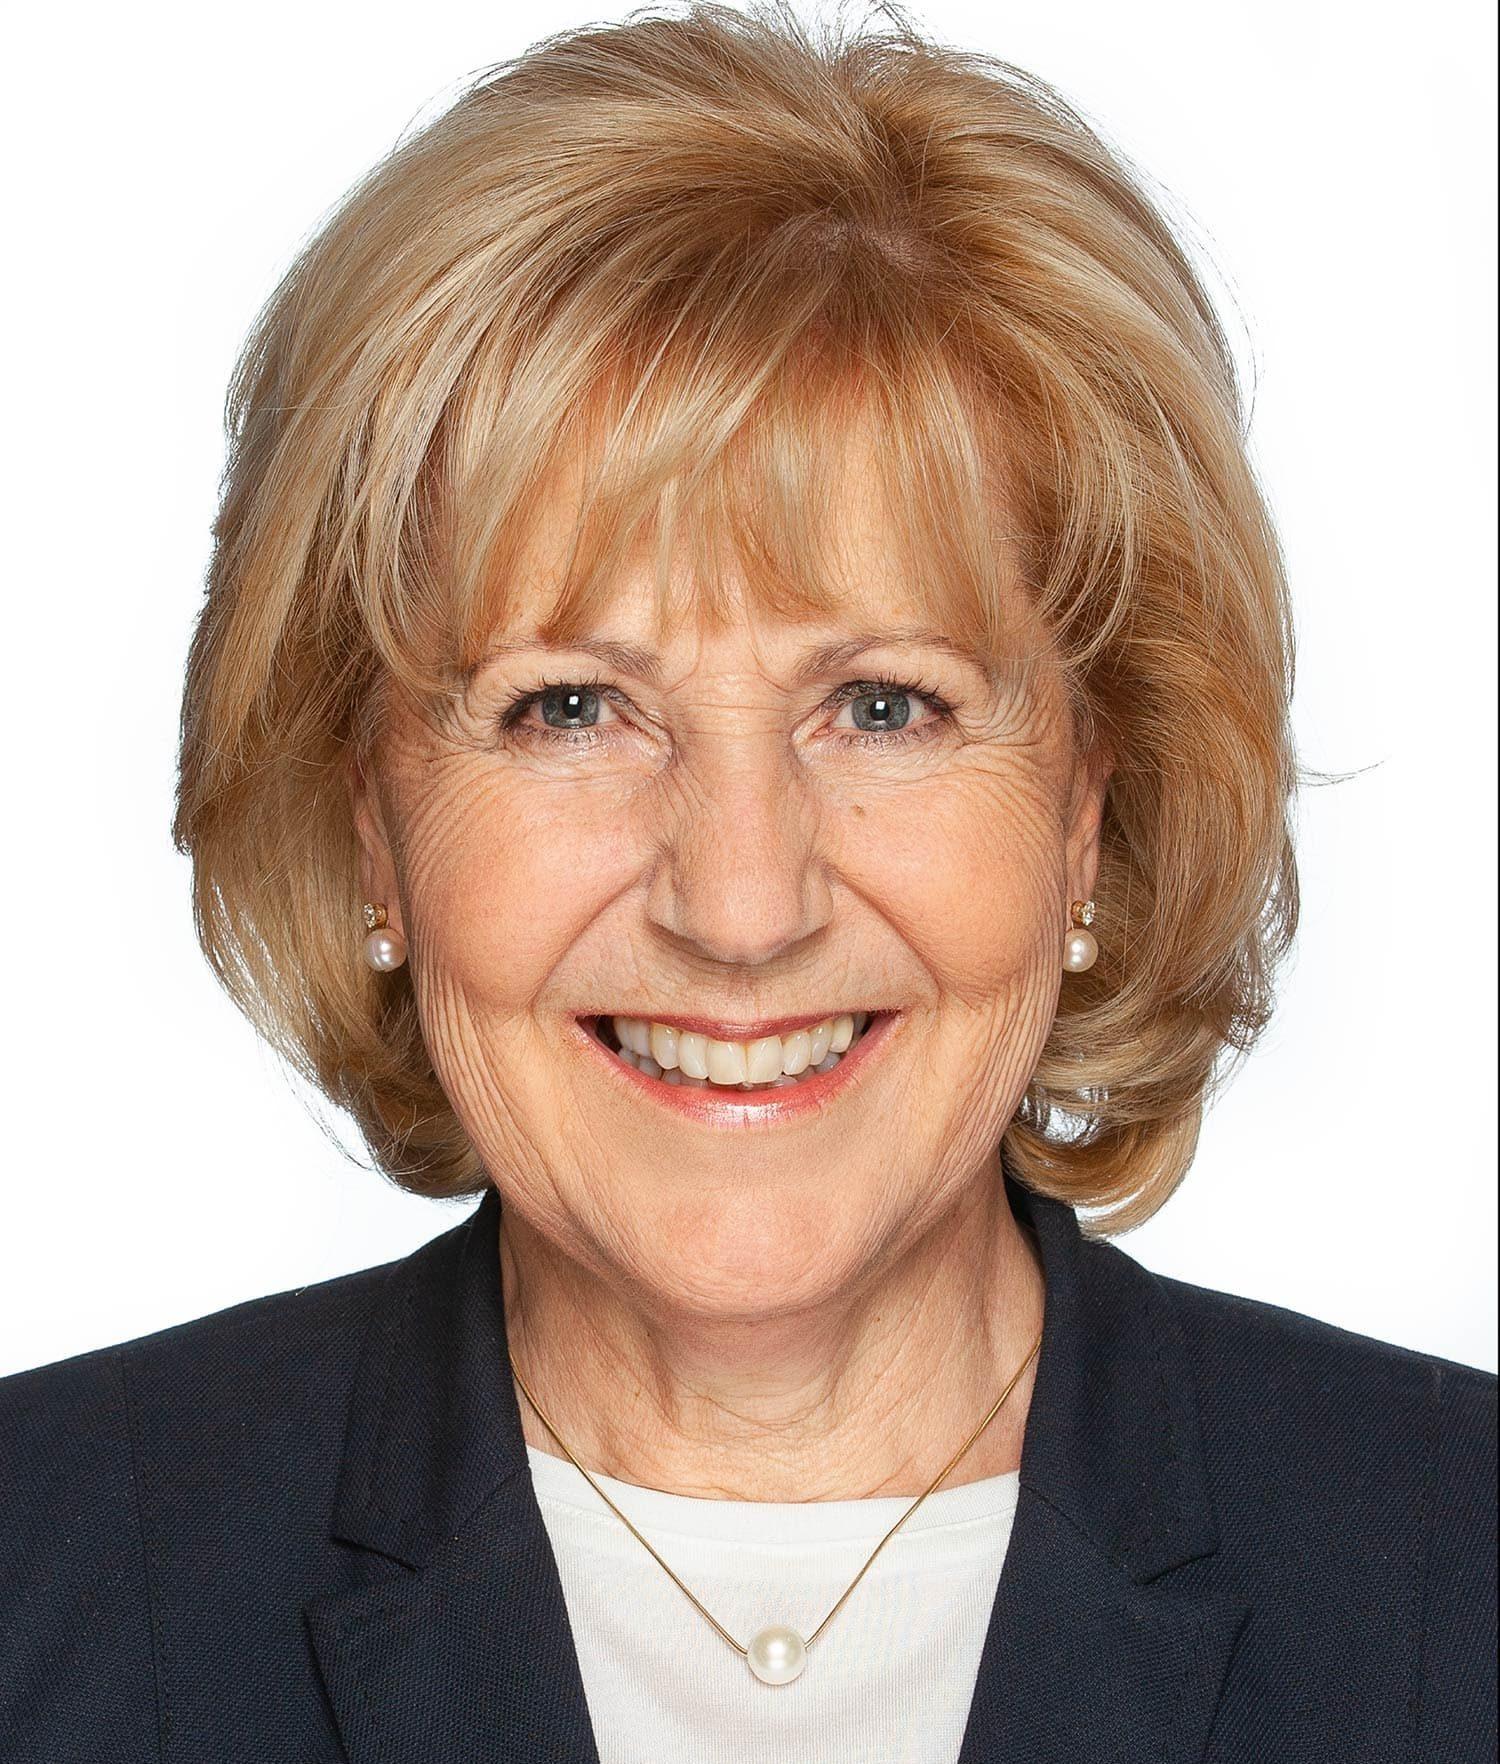 Die seit 2014 amtierende Bürgermeisterin Barbara Wilhelm (Freie Wähler) wurde in Pentling mit 53,83 Prozent wiedergewählt. Sie trat gegen zwei Gegenkandidaten an. Die Wahlbeteiligung liegt bei 67,37 Prozent. Foto: Fotostudio Zink